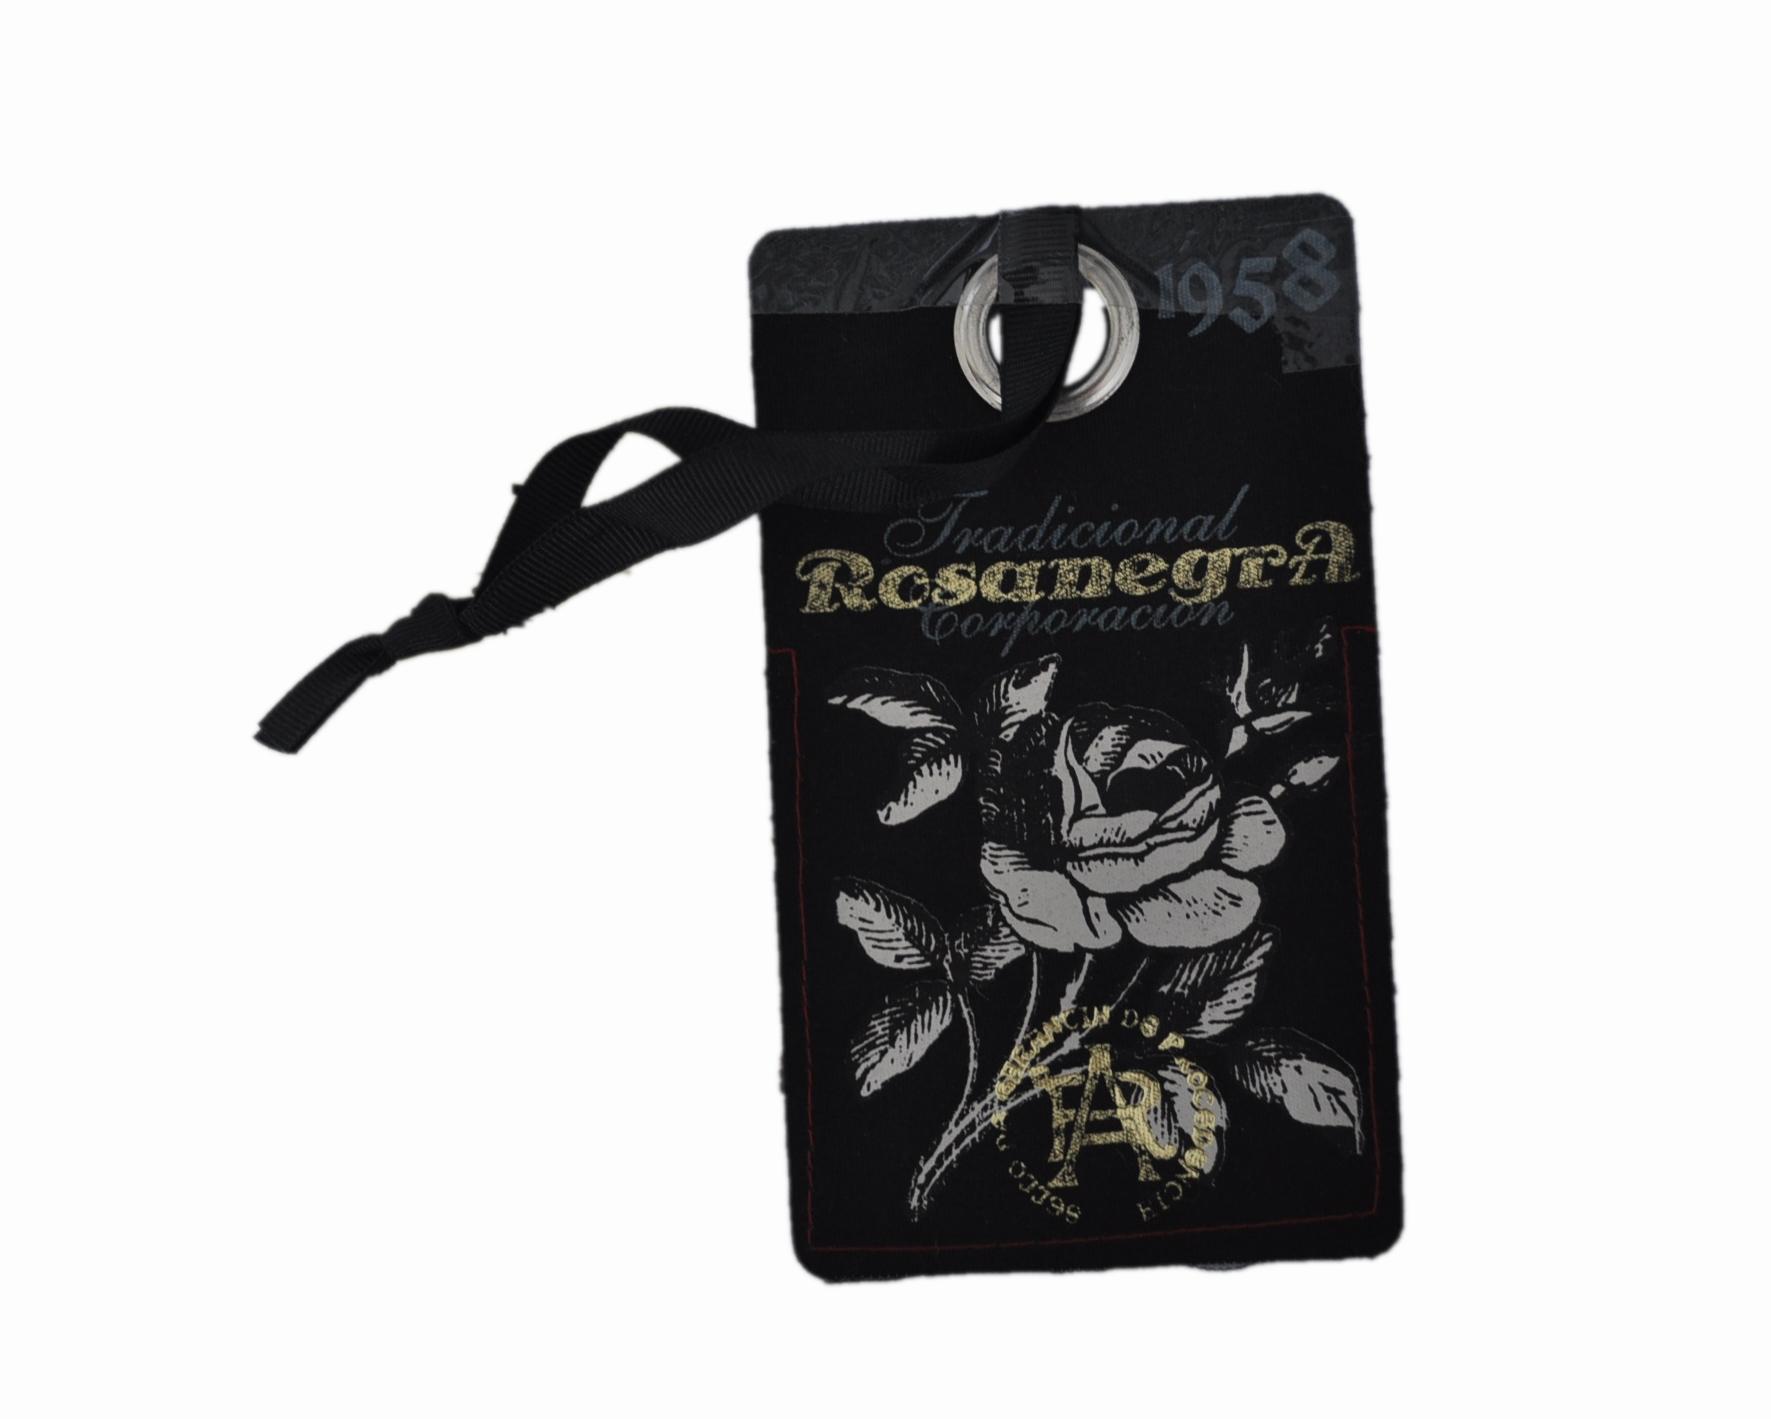 性价比最高的秋蝶黑卡丝印纸质服装吊牌供应